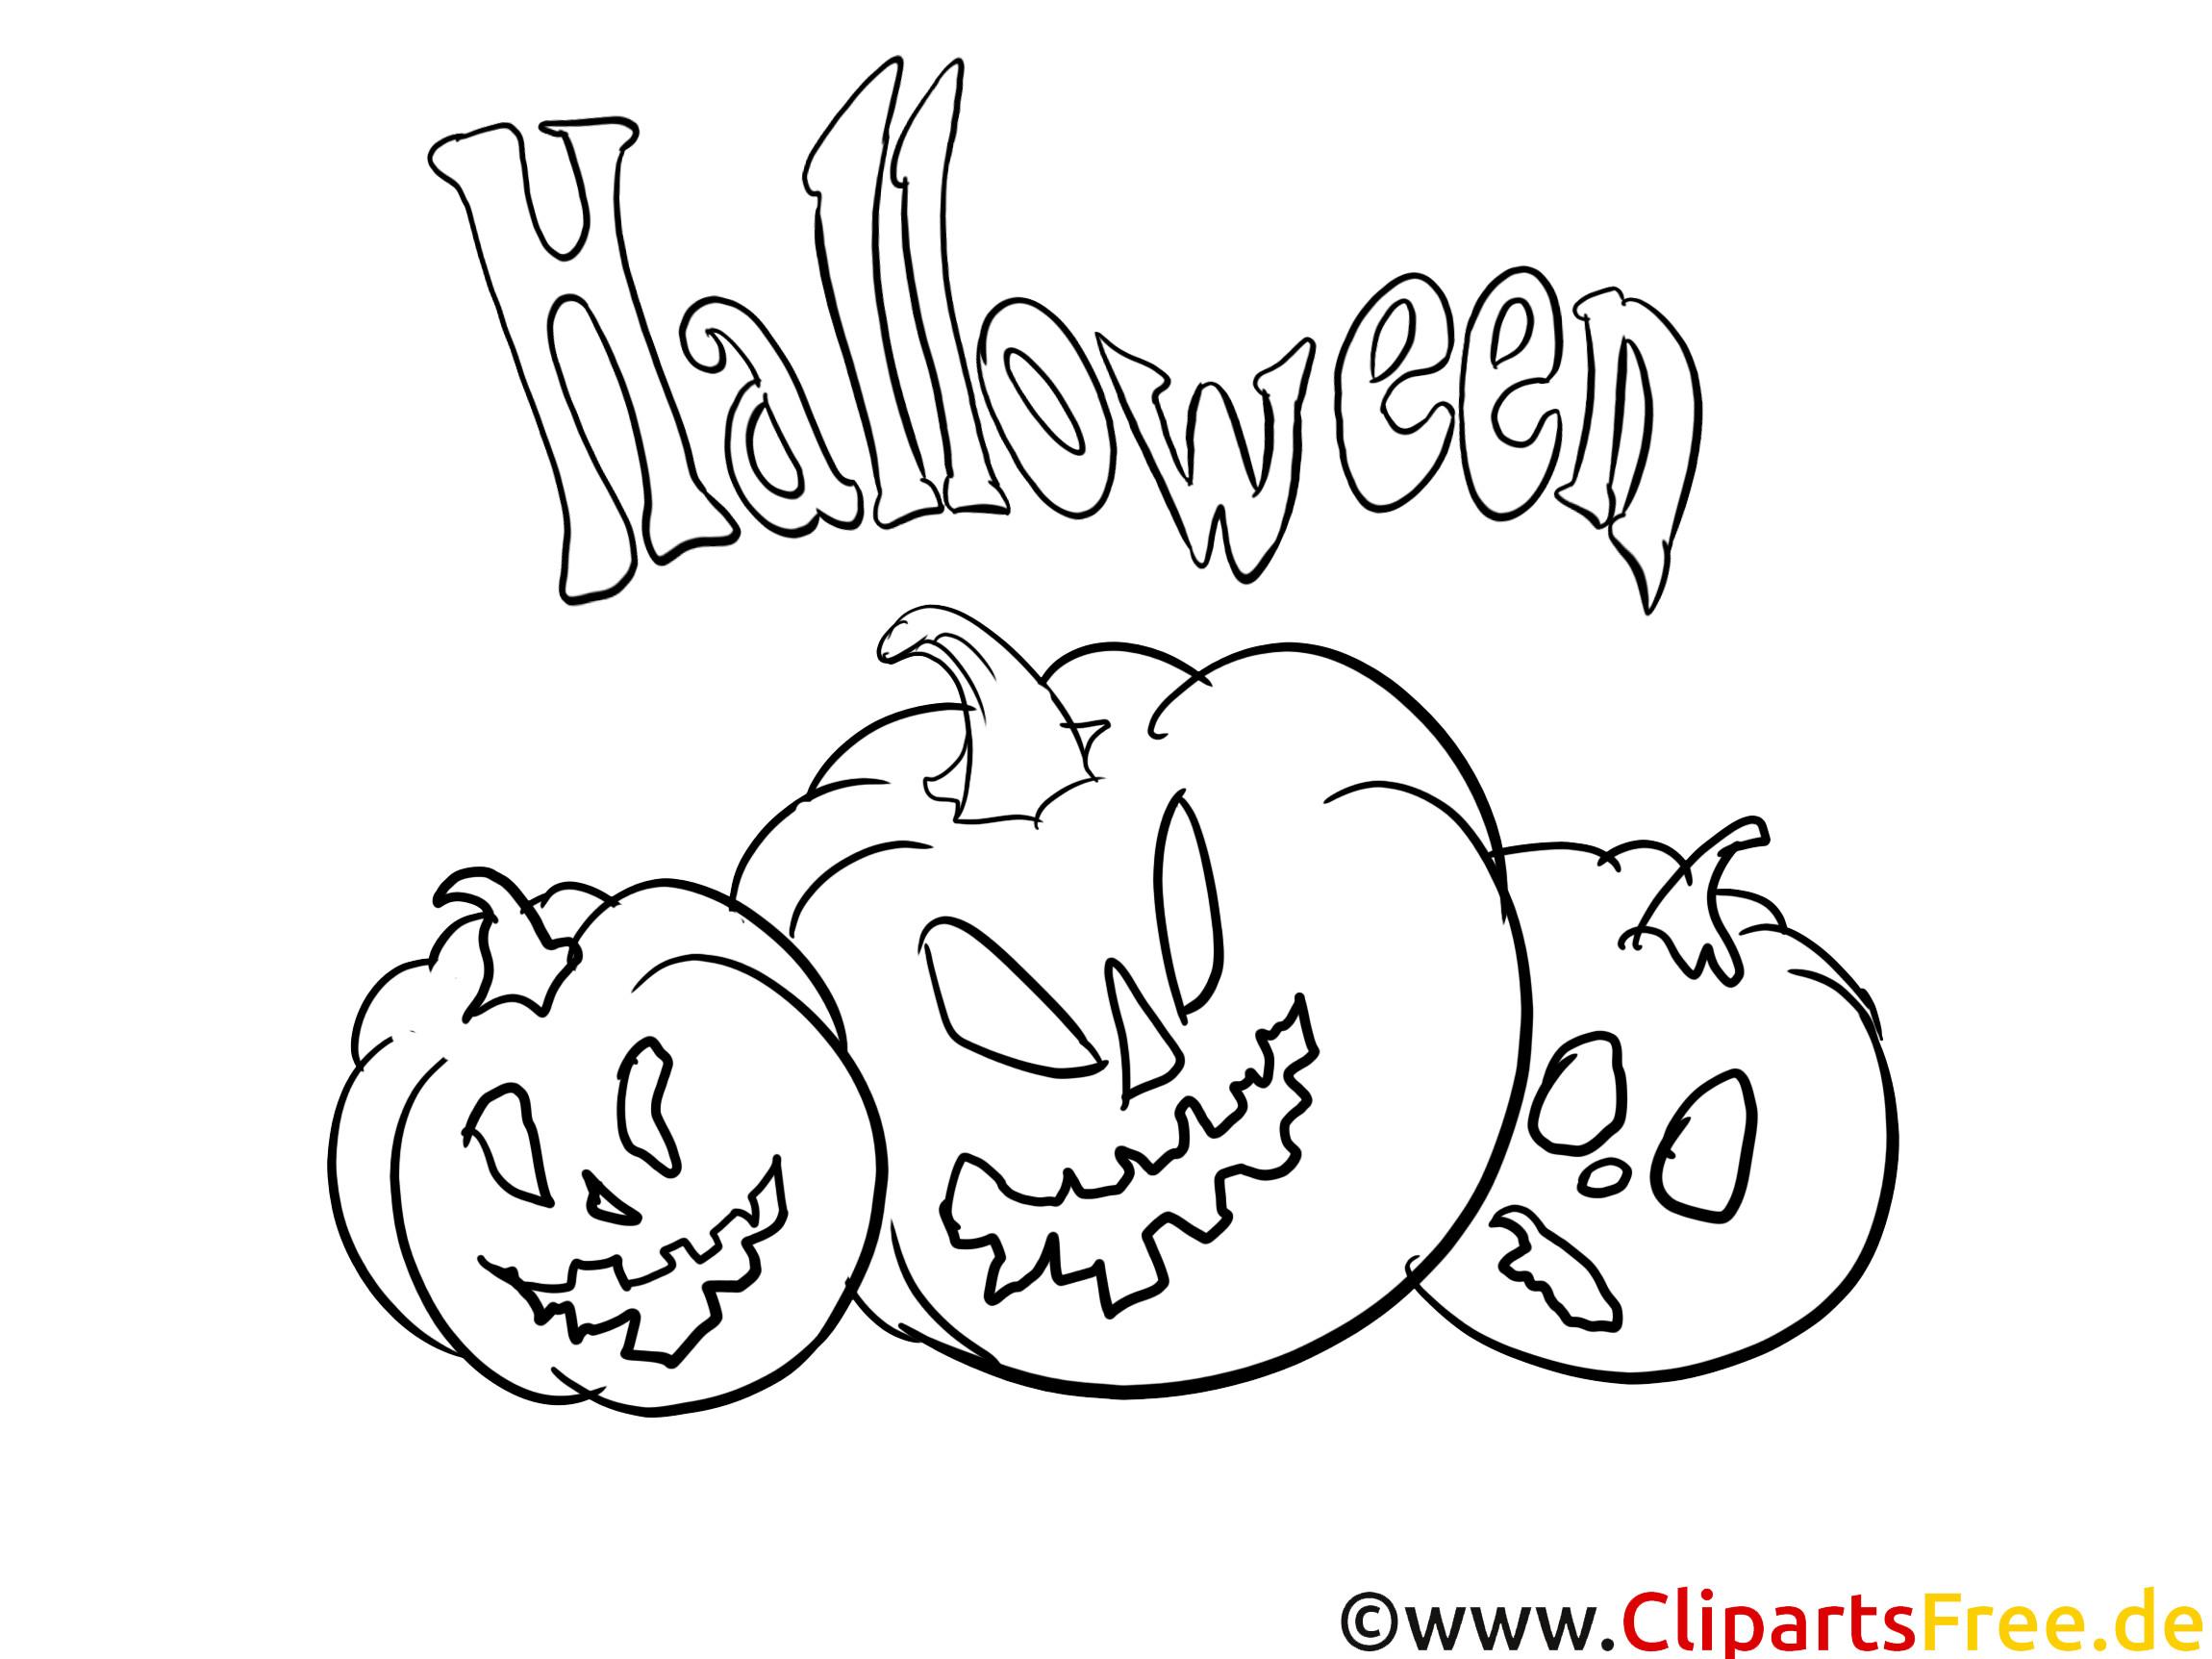 Erdmännchen Zum Ausmalen Genial Kürbis Vorlagen Zum Ausmalen Von Halloween Zum Ausdrucken Fotos